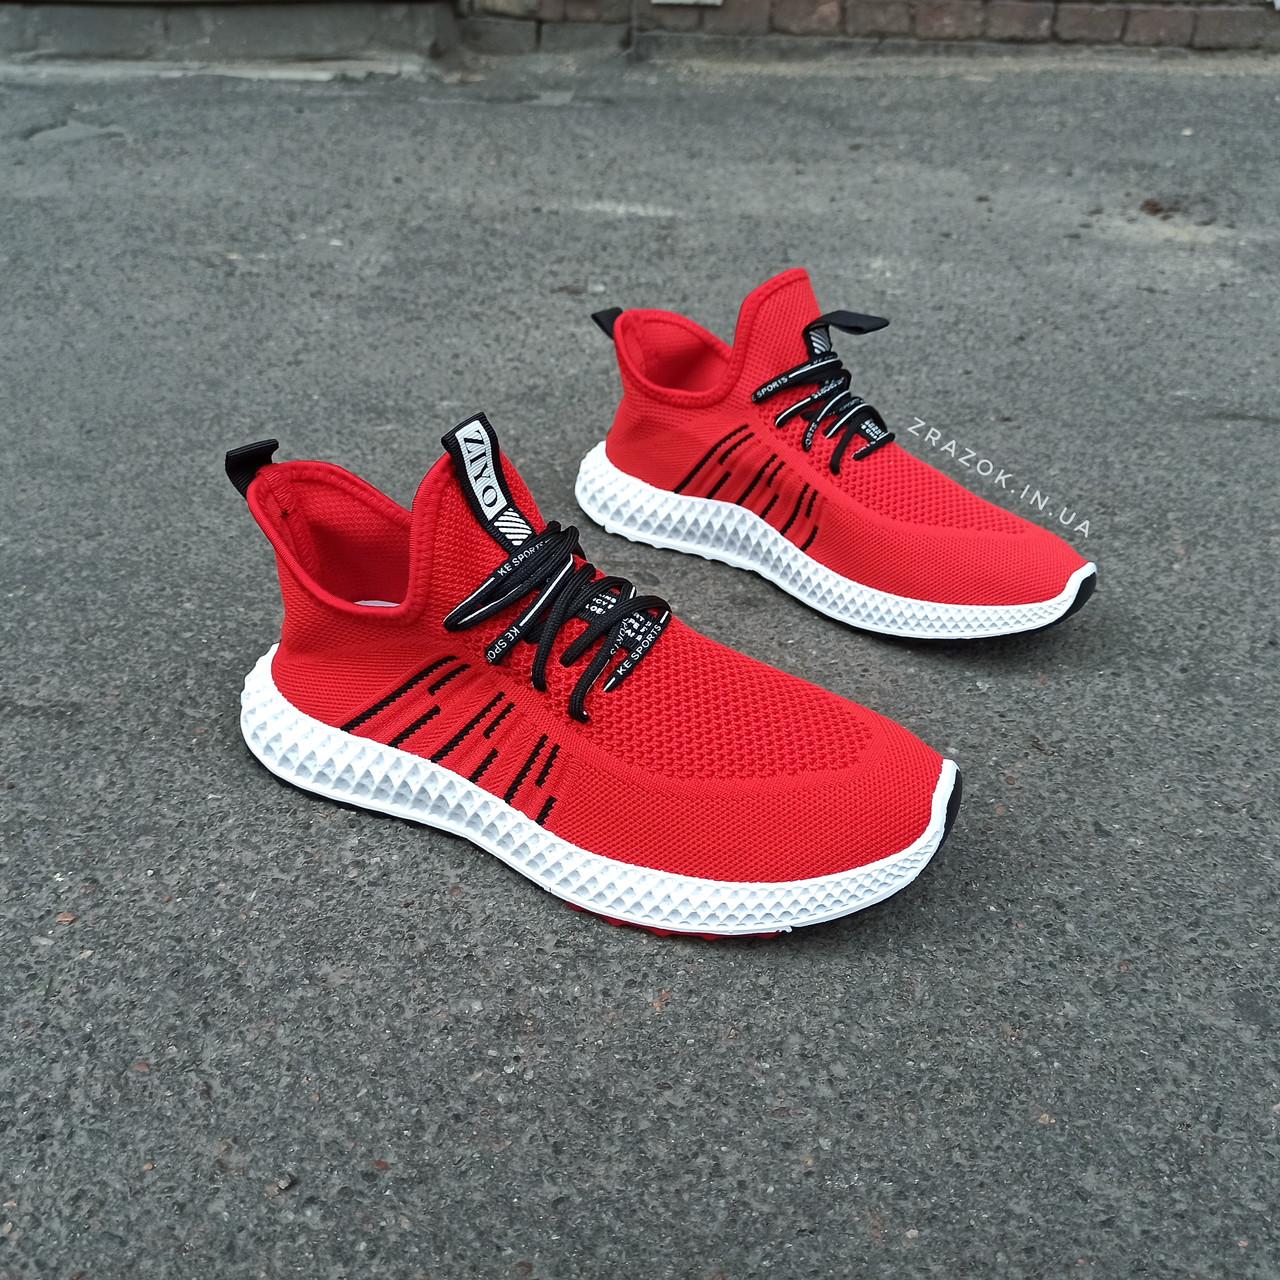 Красные мужские кроссовки носки в стиле Adidas yeezy boost v2 носки на подошве ткань текстиль сетка